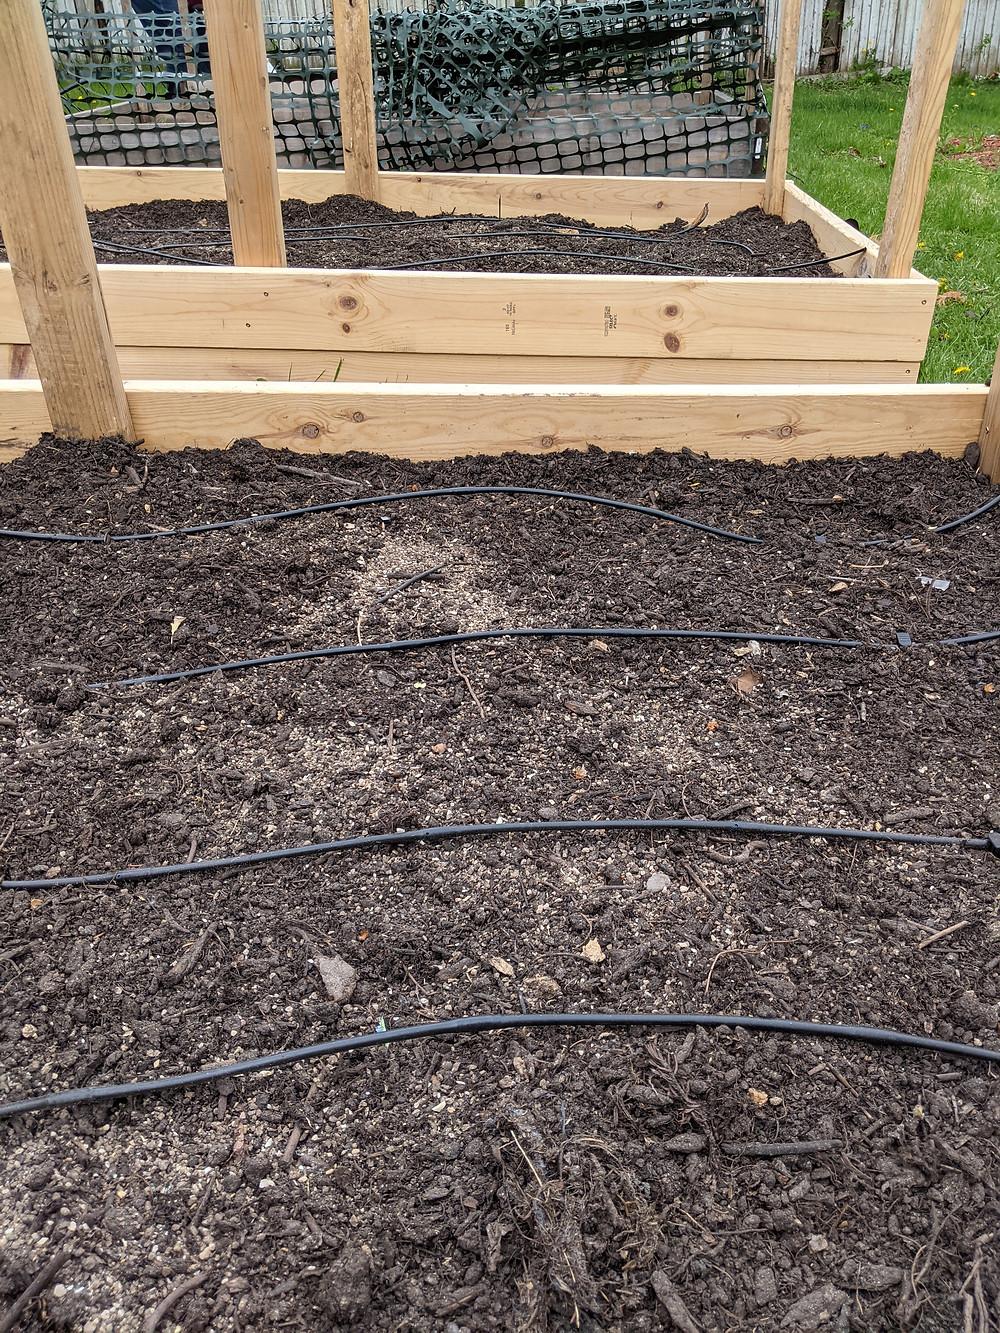 Raised garden bed drip irrigation